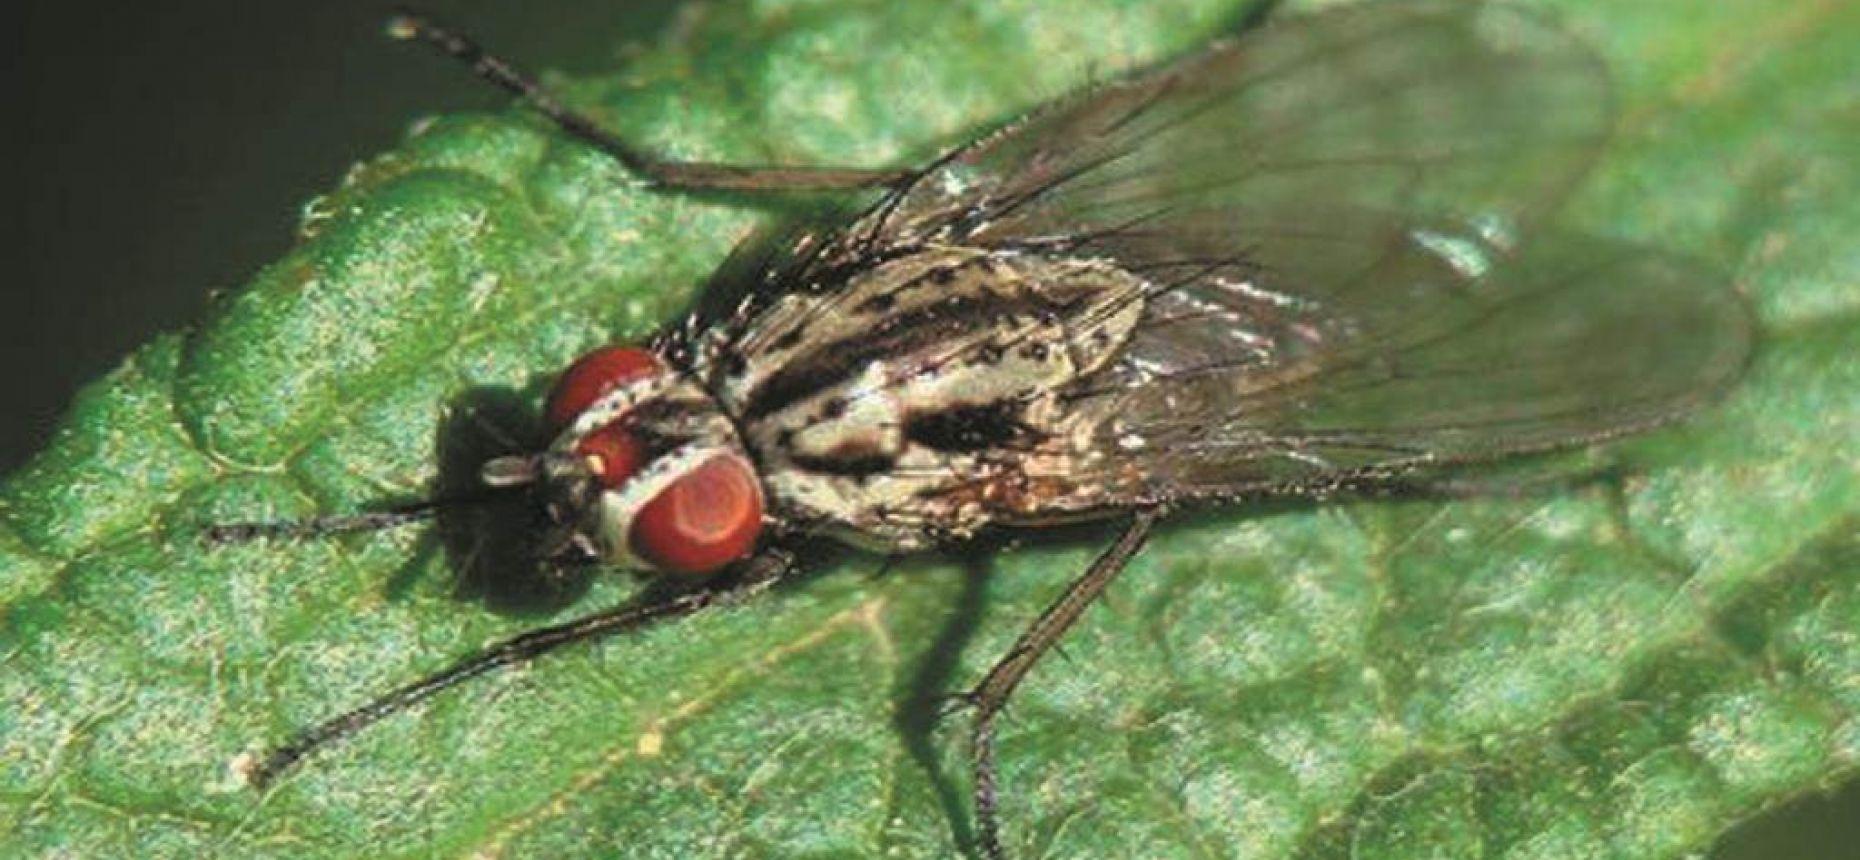 Ростковая муха - Delia platura (Meigen)